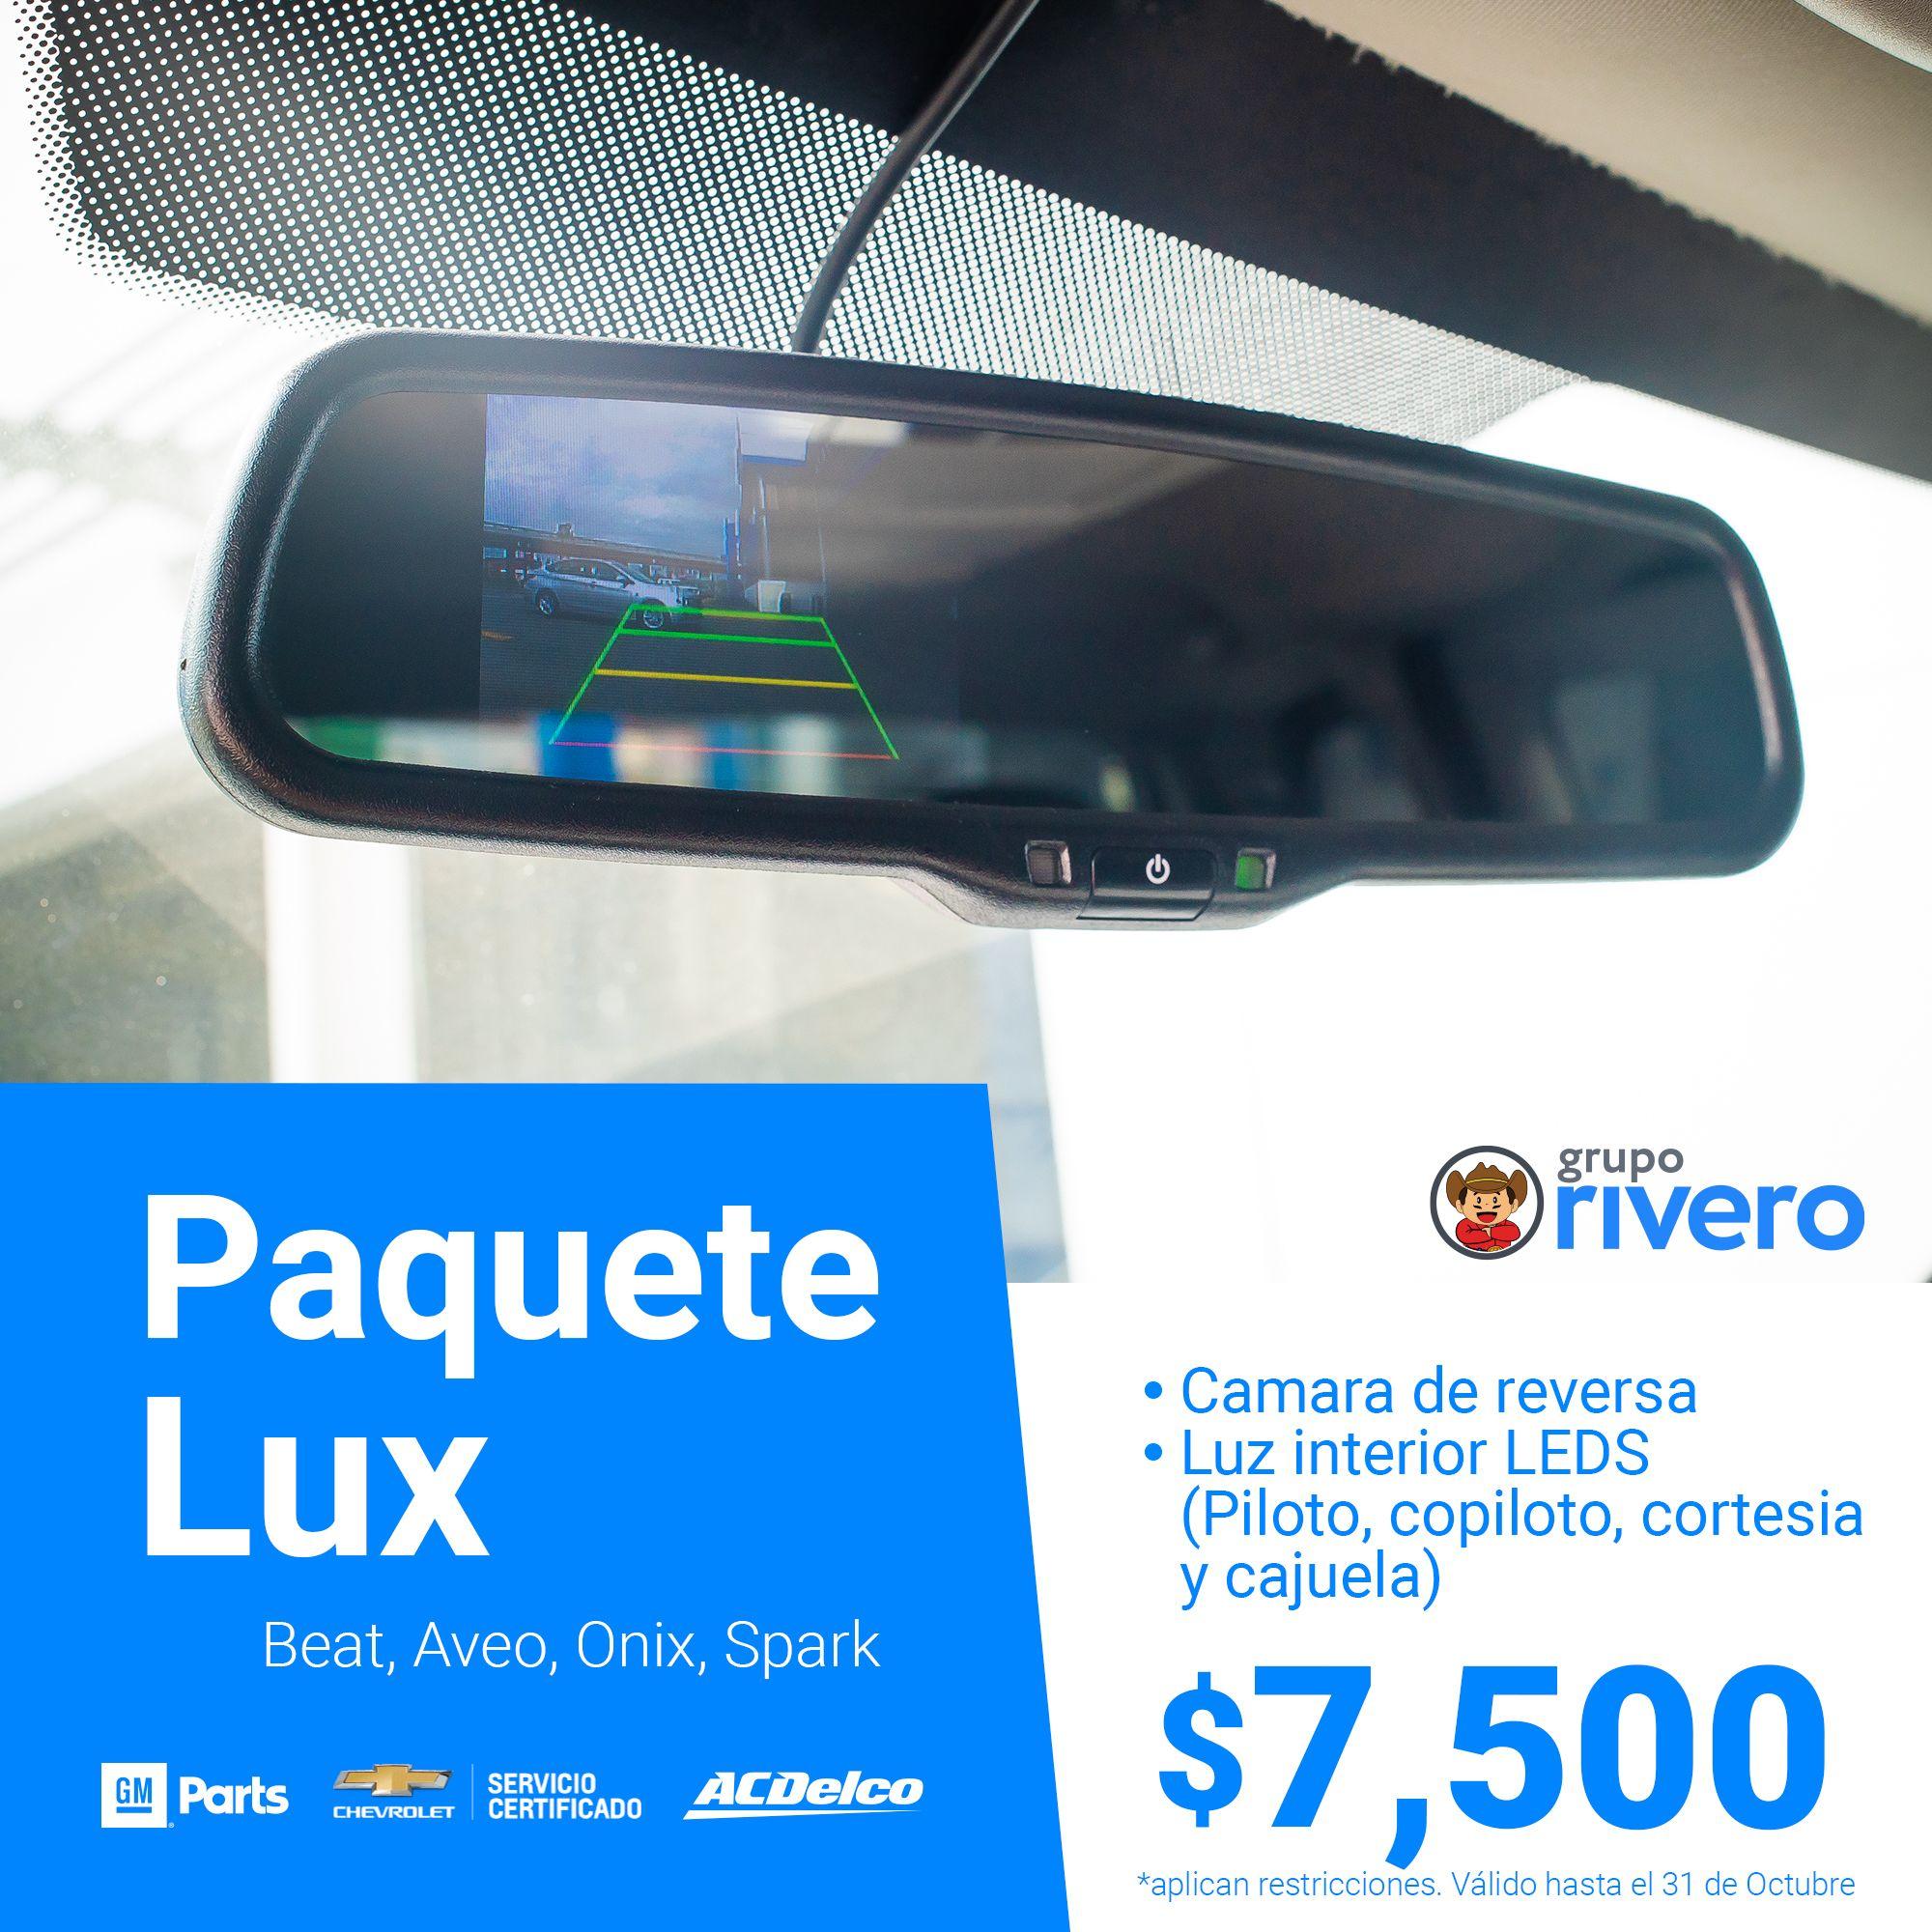 Paquete Lux para Beat, Aveo, Onix, Spark, camara de reversa, luz interior LED (Piloto, copiloto,cortesia y cajuela) por $7,500.00, aplican restricciones, válido hasta el 31 de octubre del 2020